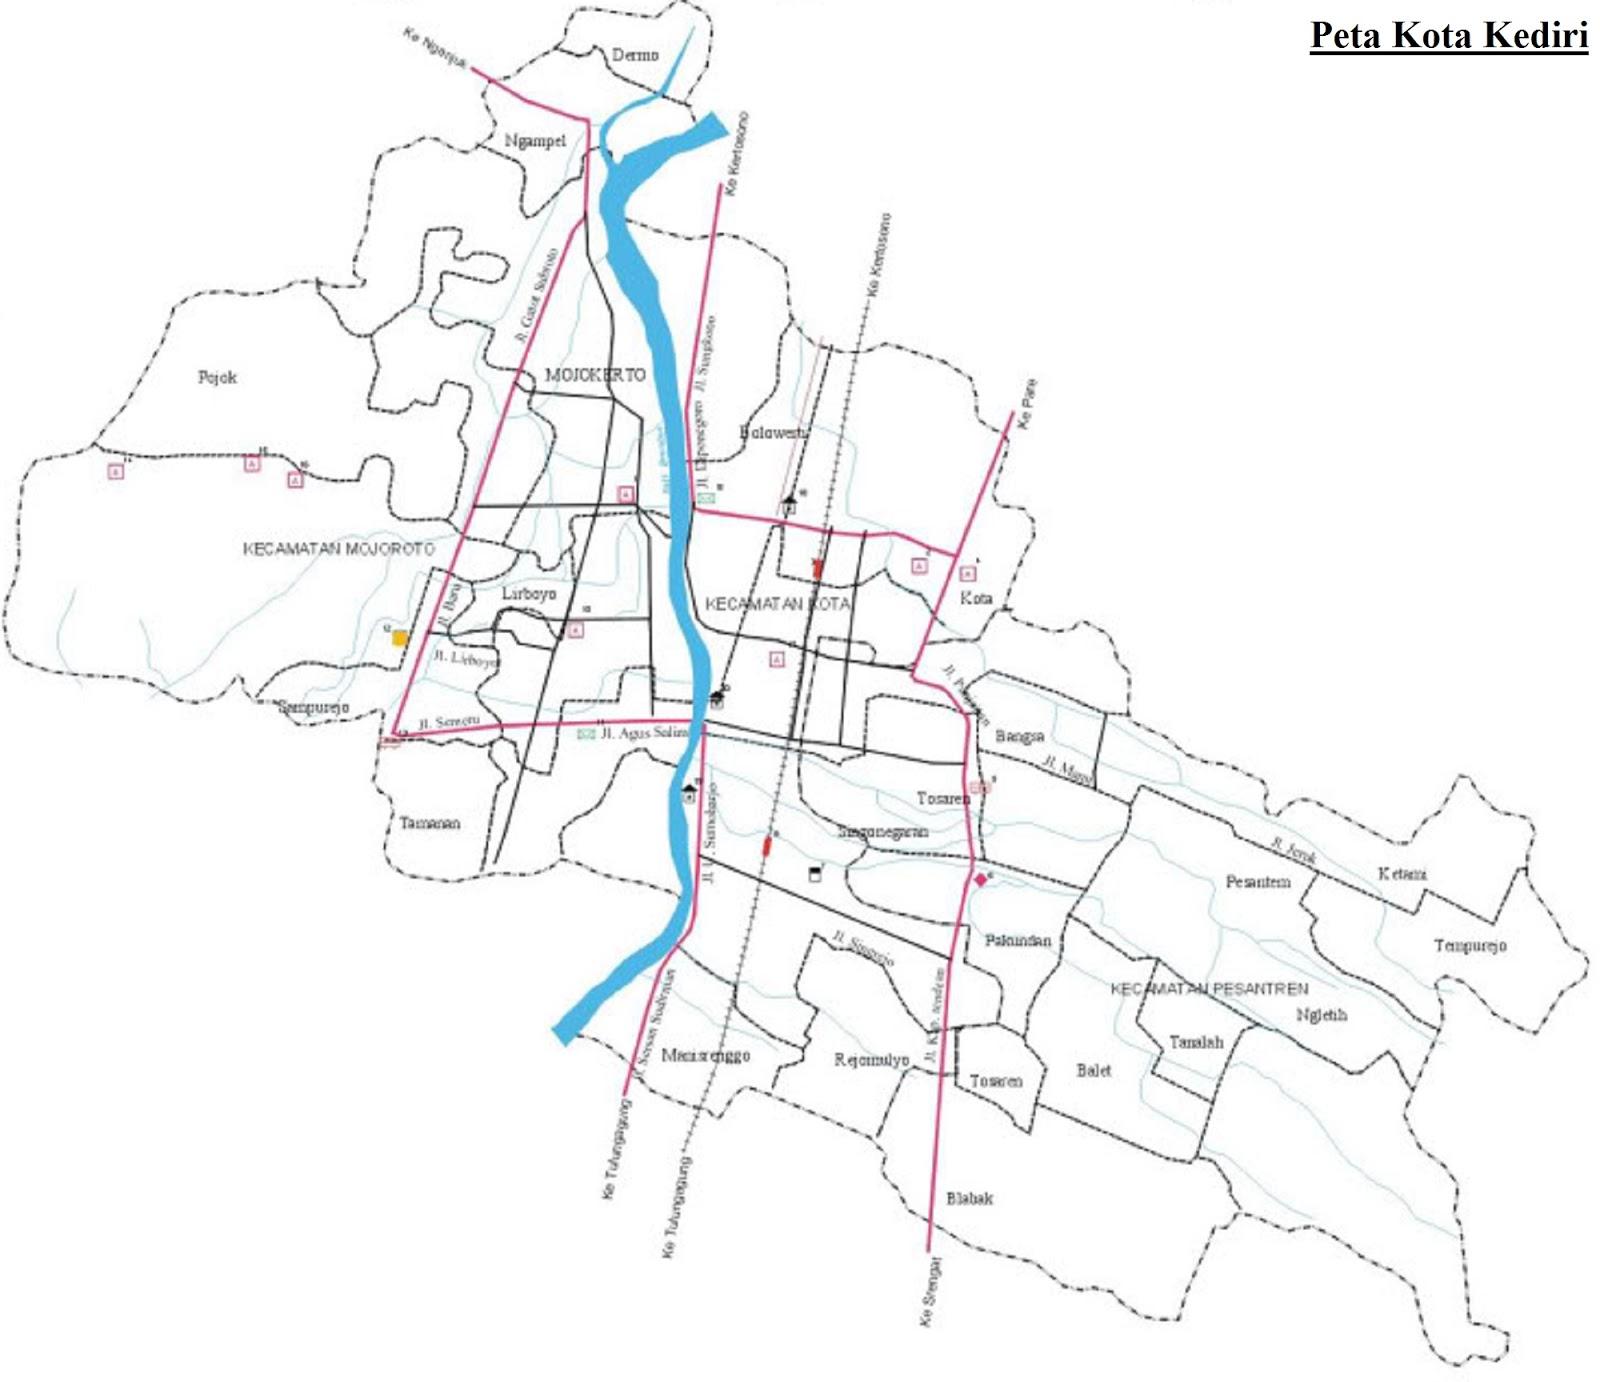 Peta Kota Kediri HD